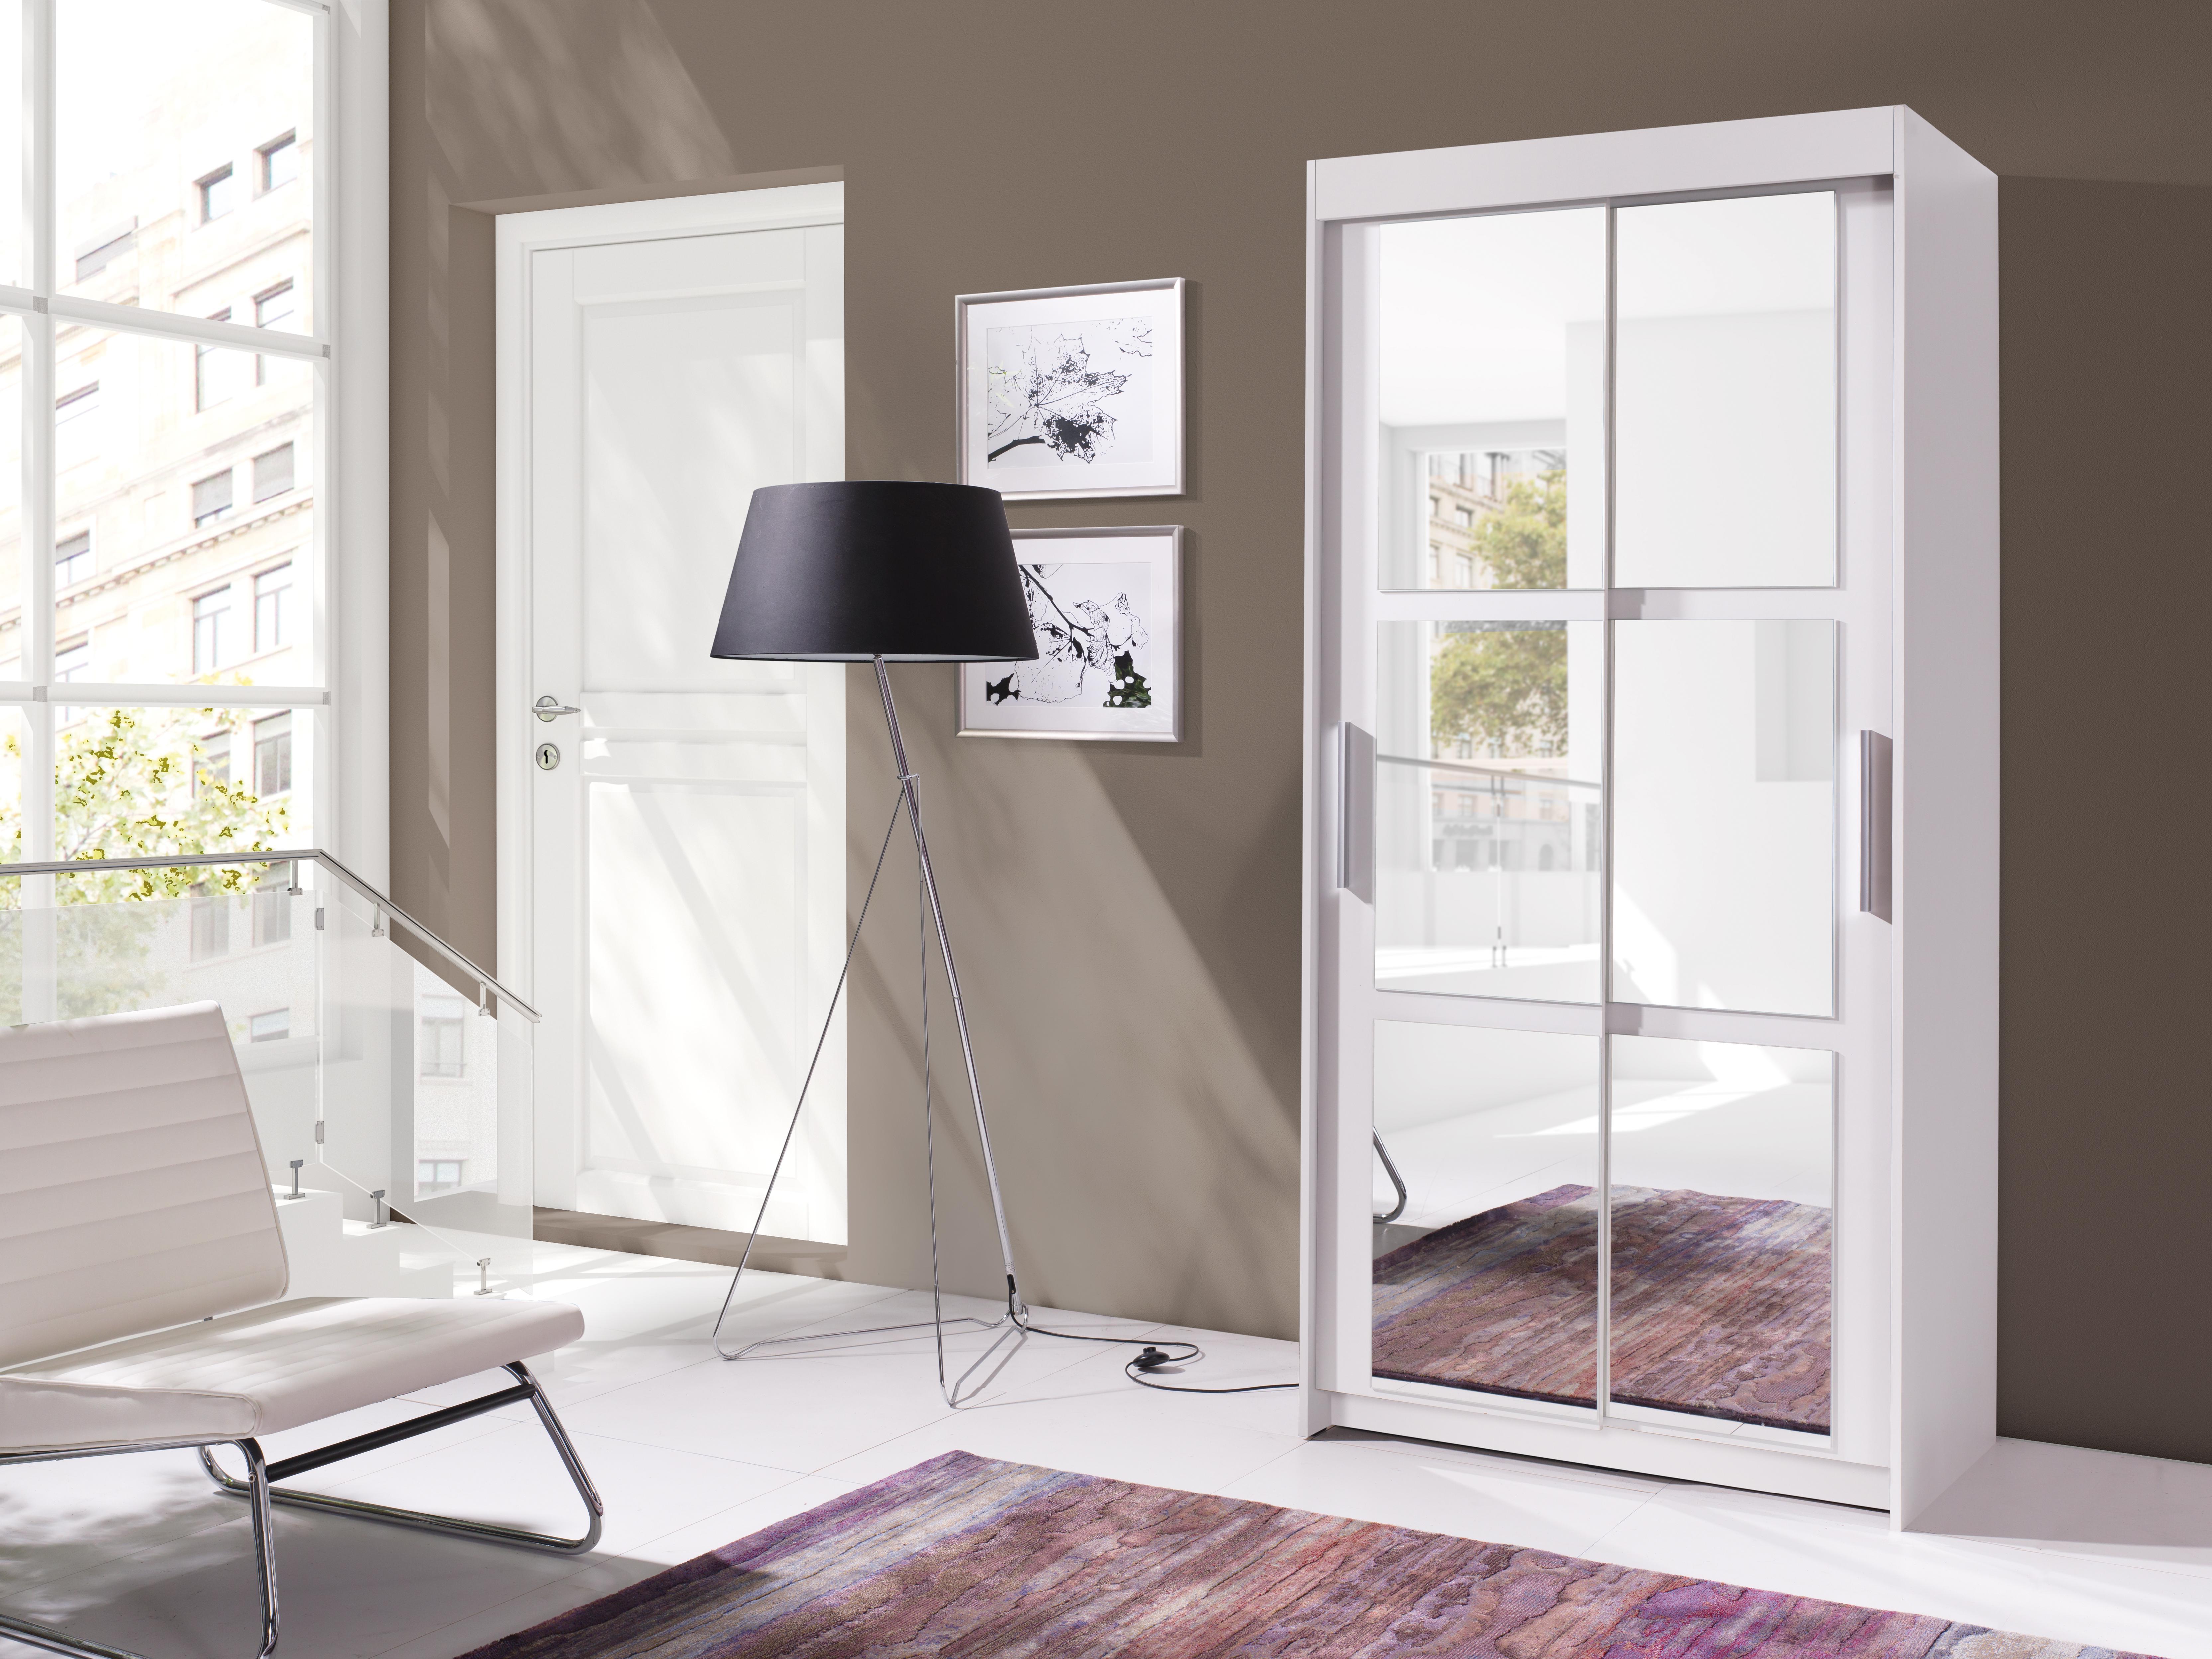 Šatníková skriňa - Kenton 100 (biela + zrkadlo). Akcia -30%. Vlastná spoľahlivá doprava až k Vám domov.